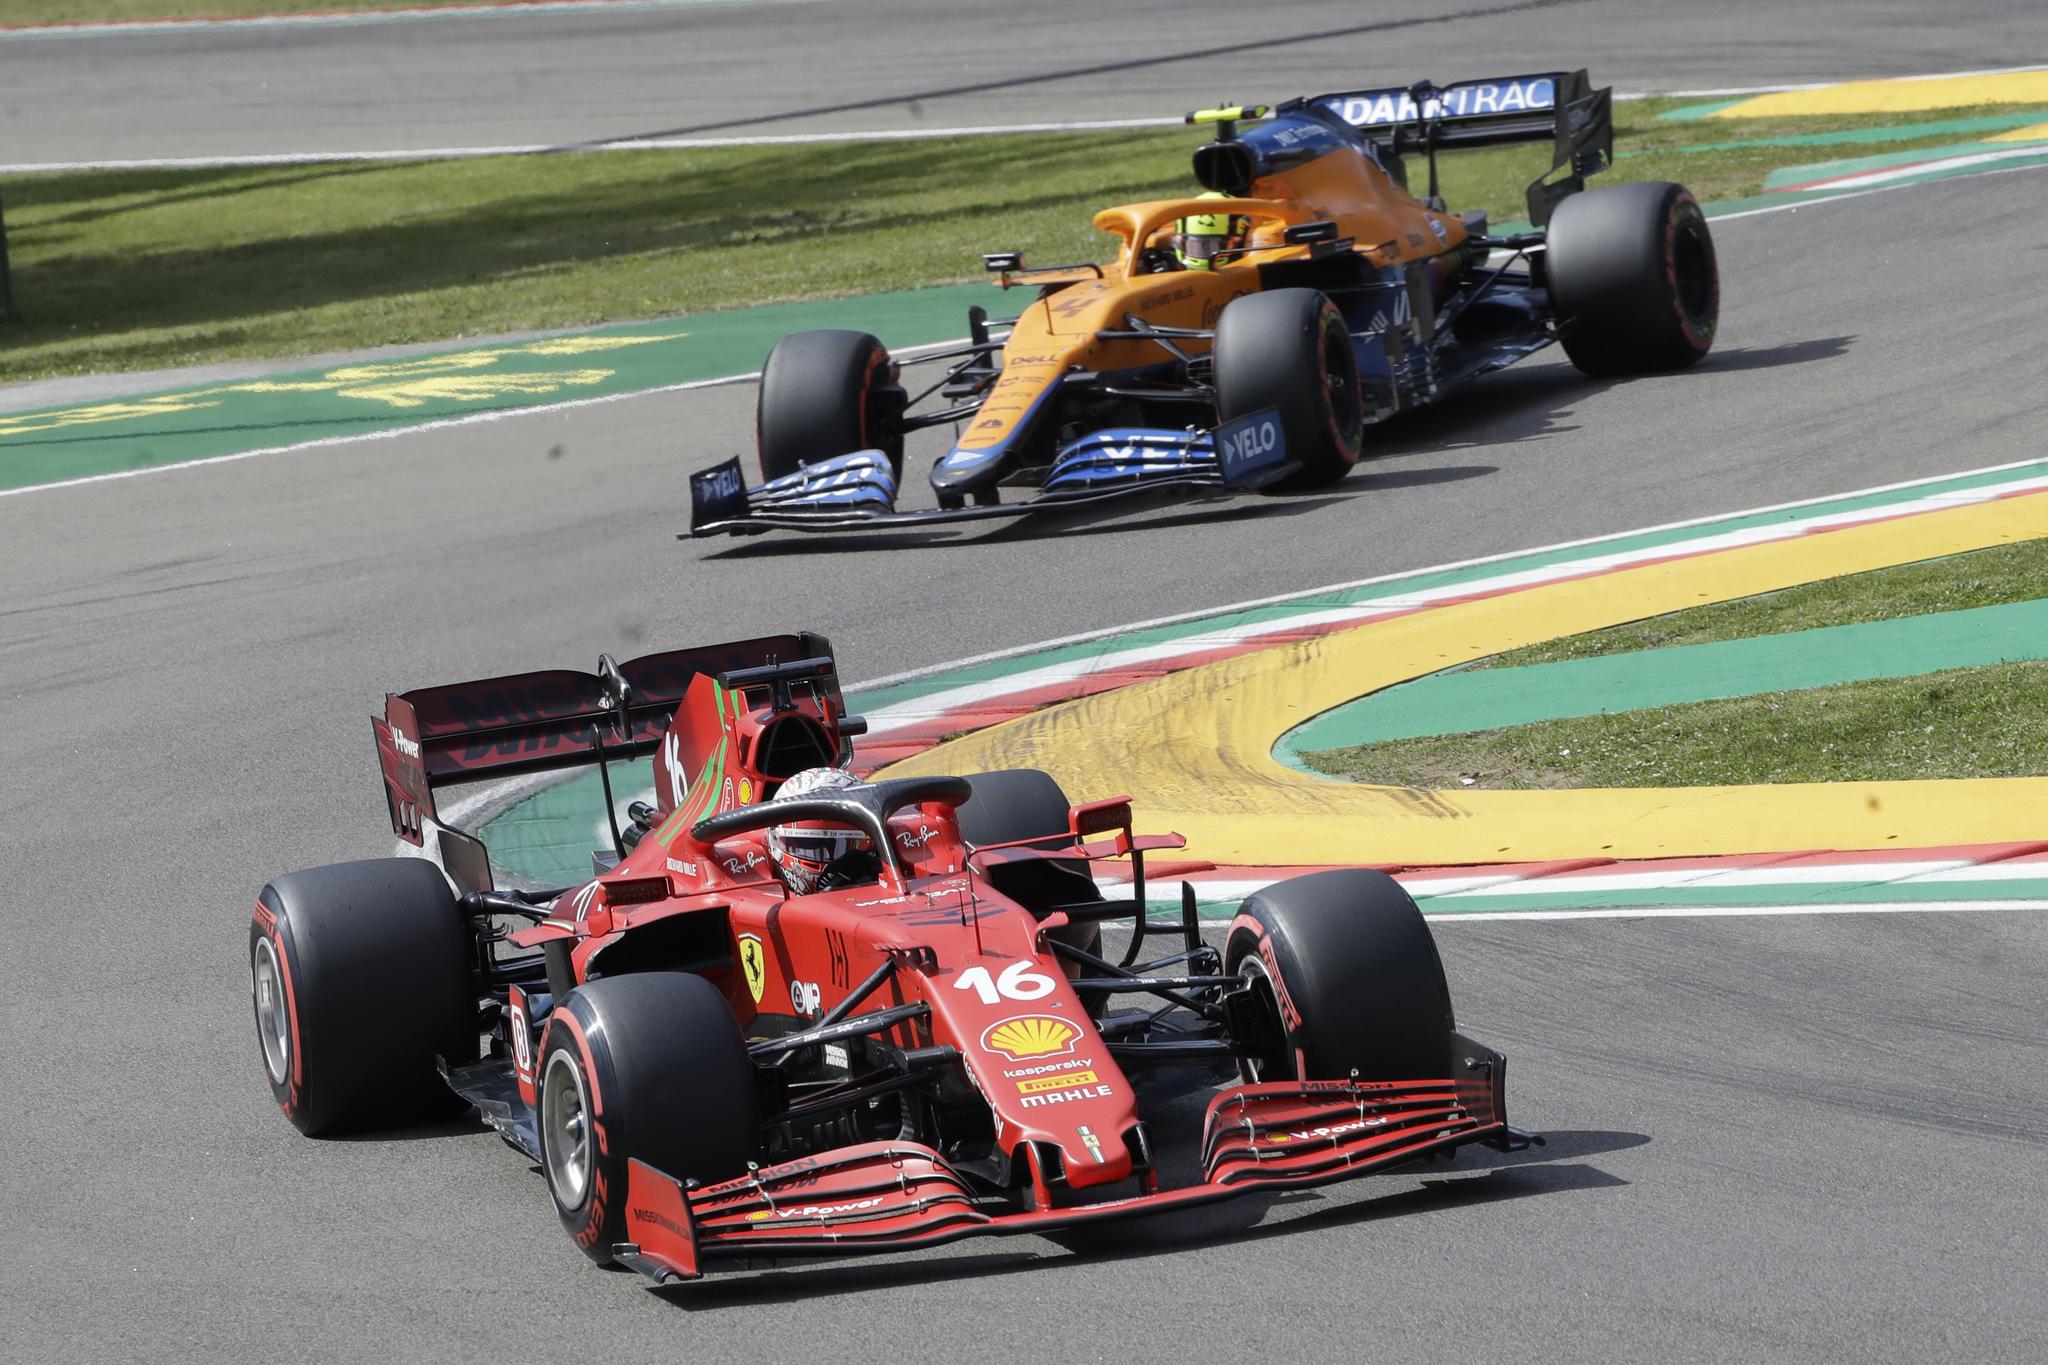 El piloto de Ferrari Charles lt; HIT gt; Leclerc lt; / HIT gt;  de Mónaco es seguido por el piloto de Mclaren Lando lt; HIT gt; Norris lt; / HIT gt;  de Gran Bretaña durante los entrenamientos de clasificación para el Gran Premio de Fórmula Uno de Emilia Romagna del domingo, en la pista de Imola, Italia, el sábado 17 de abril de 2021. (AP Photo / Luca Bruno)